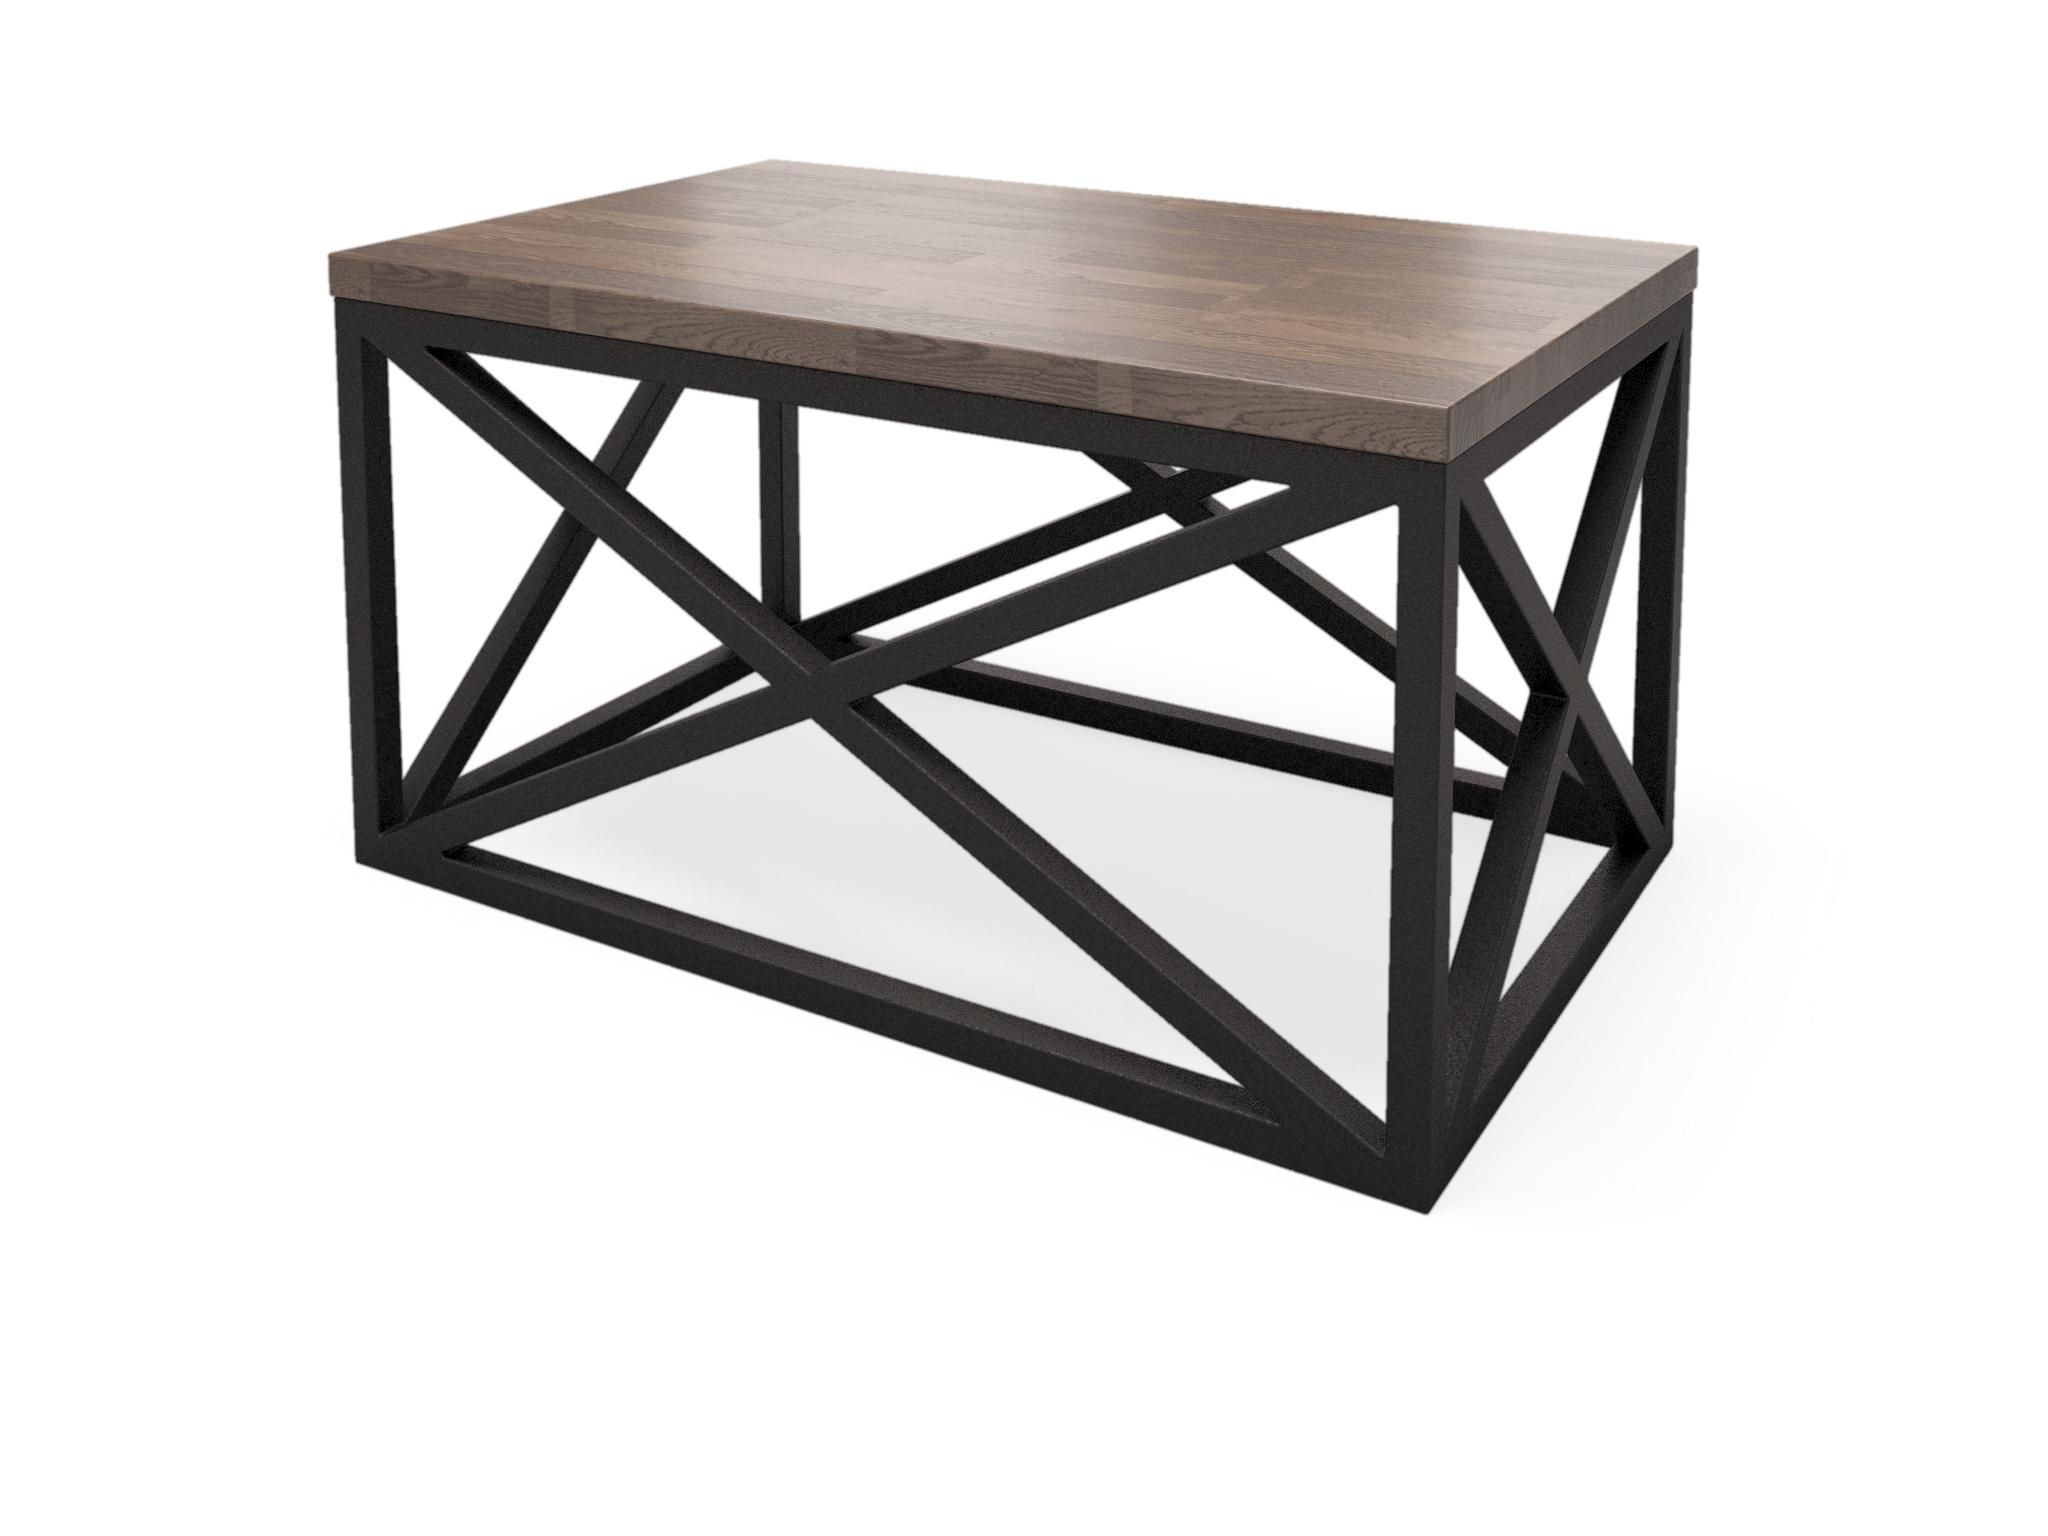 Журнальный столик Millwood 15436800 от thefurnish